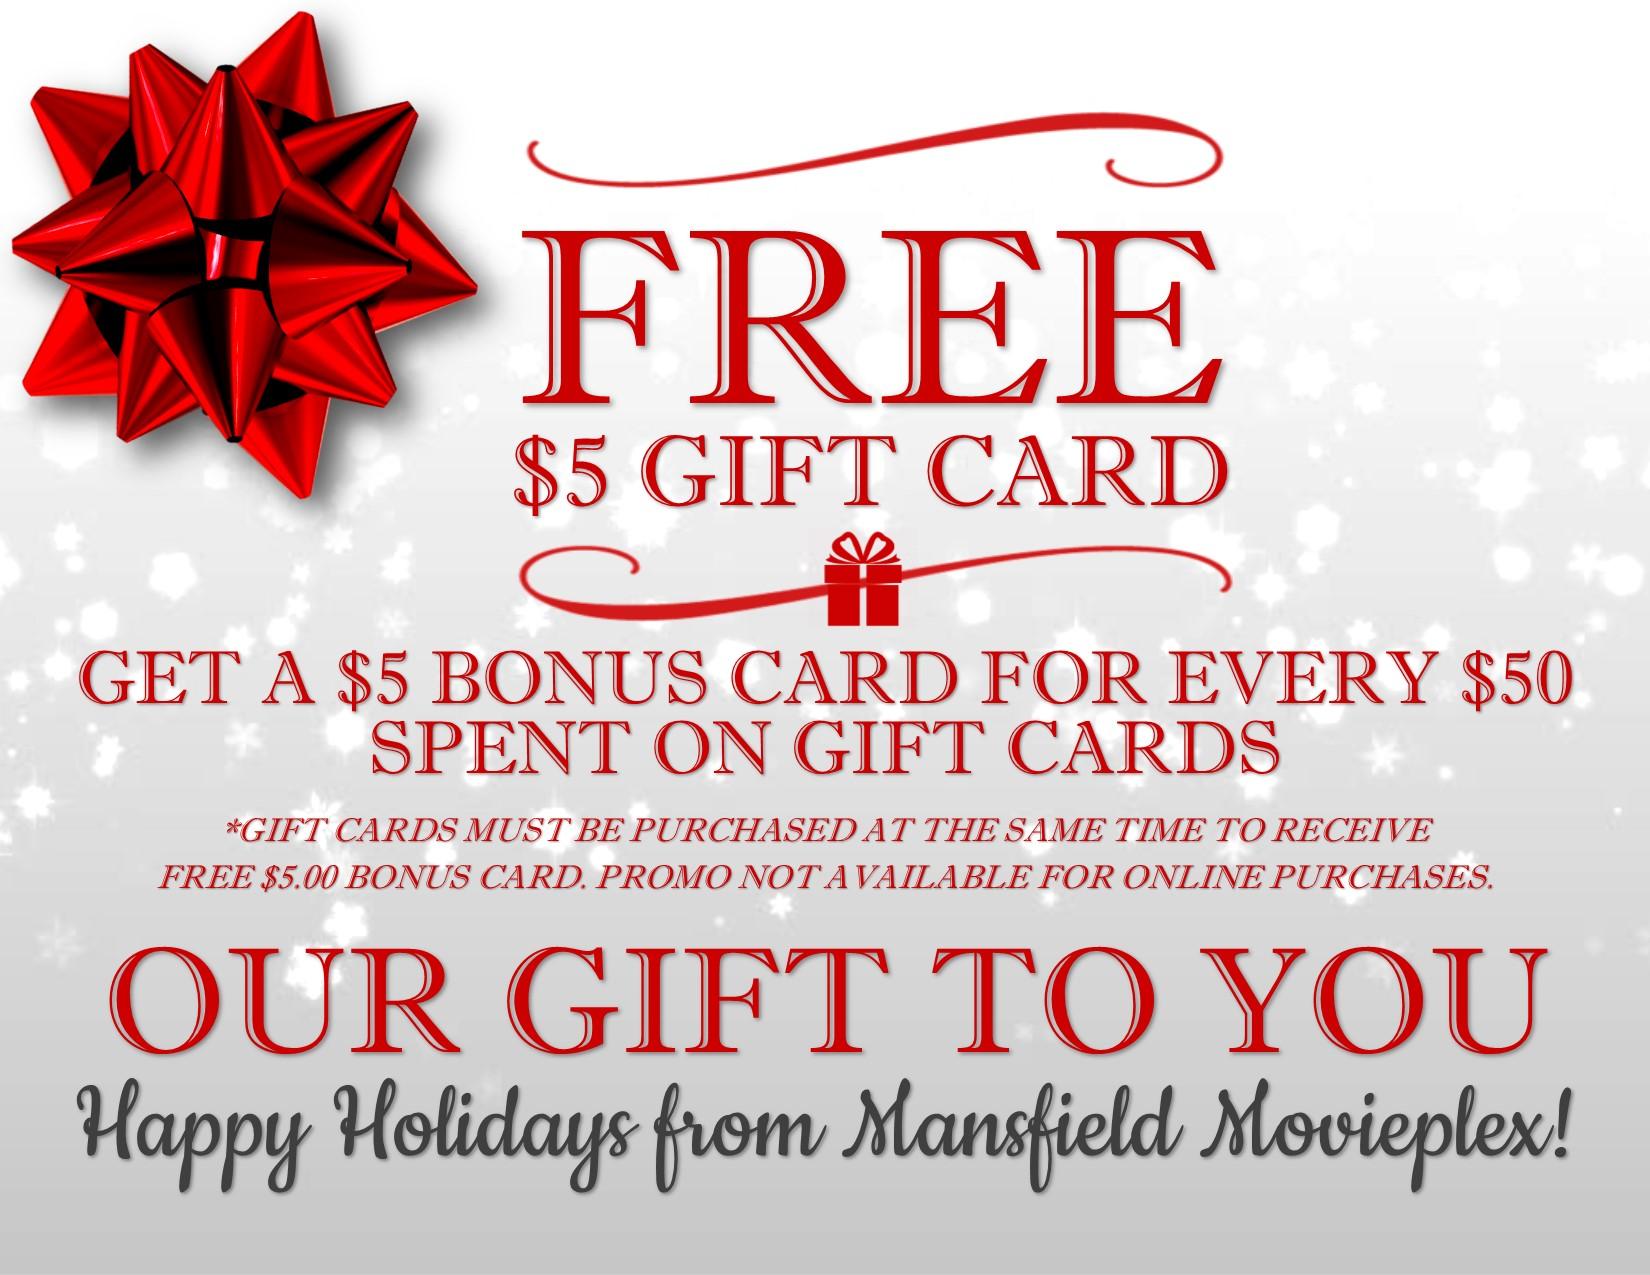 Mansfield Movieplex 8 - Zurich Cinemas - Proudly serving Mansfield ...